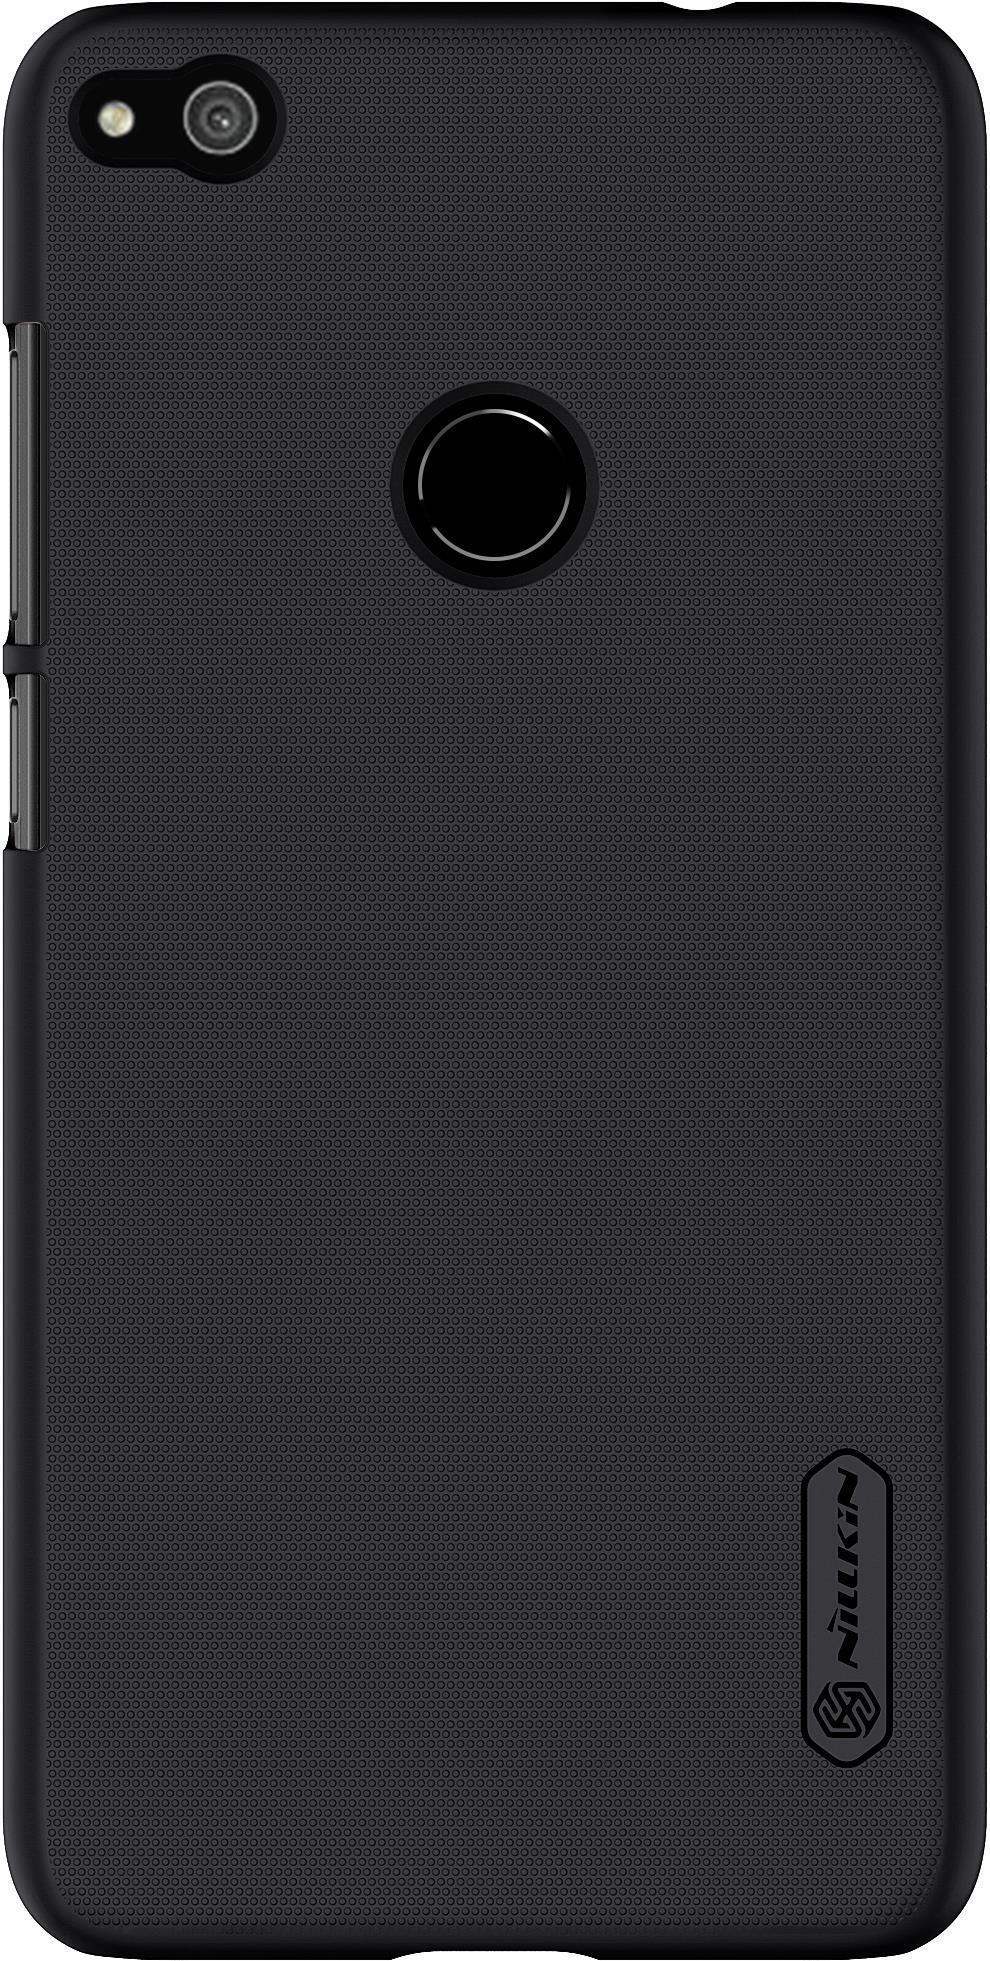 Пластиковый чехол Nillkin для Huawei P8 Lite (2017)/Honor 8 Lite все цены